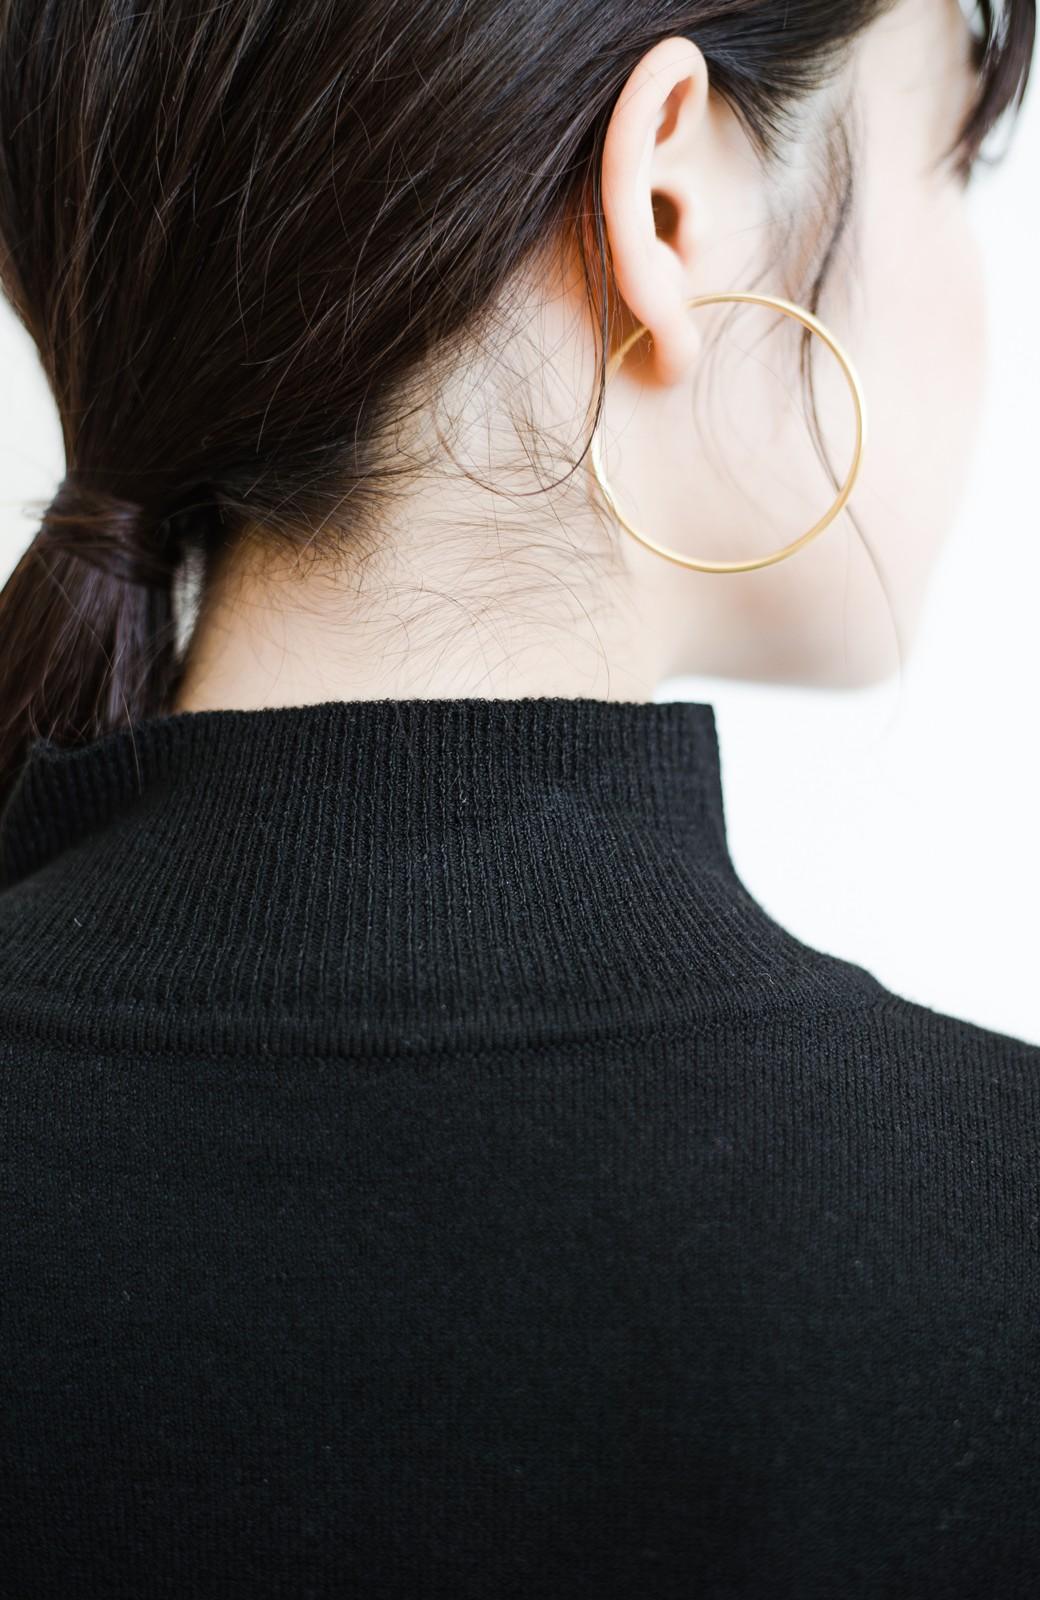 haco! 【高橋愛さんコラボ】本当に使えるニットを吟味! 重ね着に便利な刺繍入りハイネック&クルーネックニットトップス2枚セット by LOVE&PEACE PROJECT <ブラック・ボルドー>の商品写真24